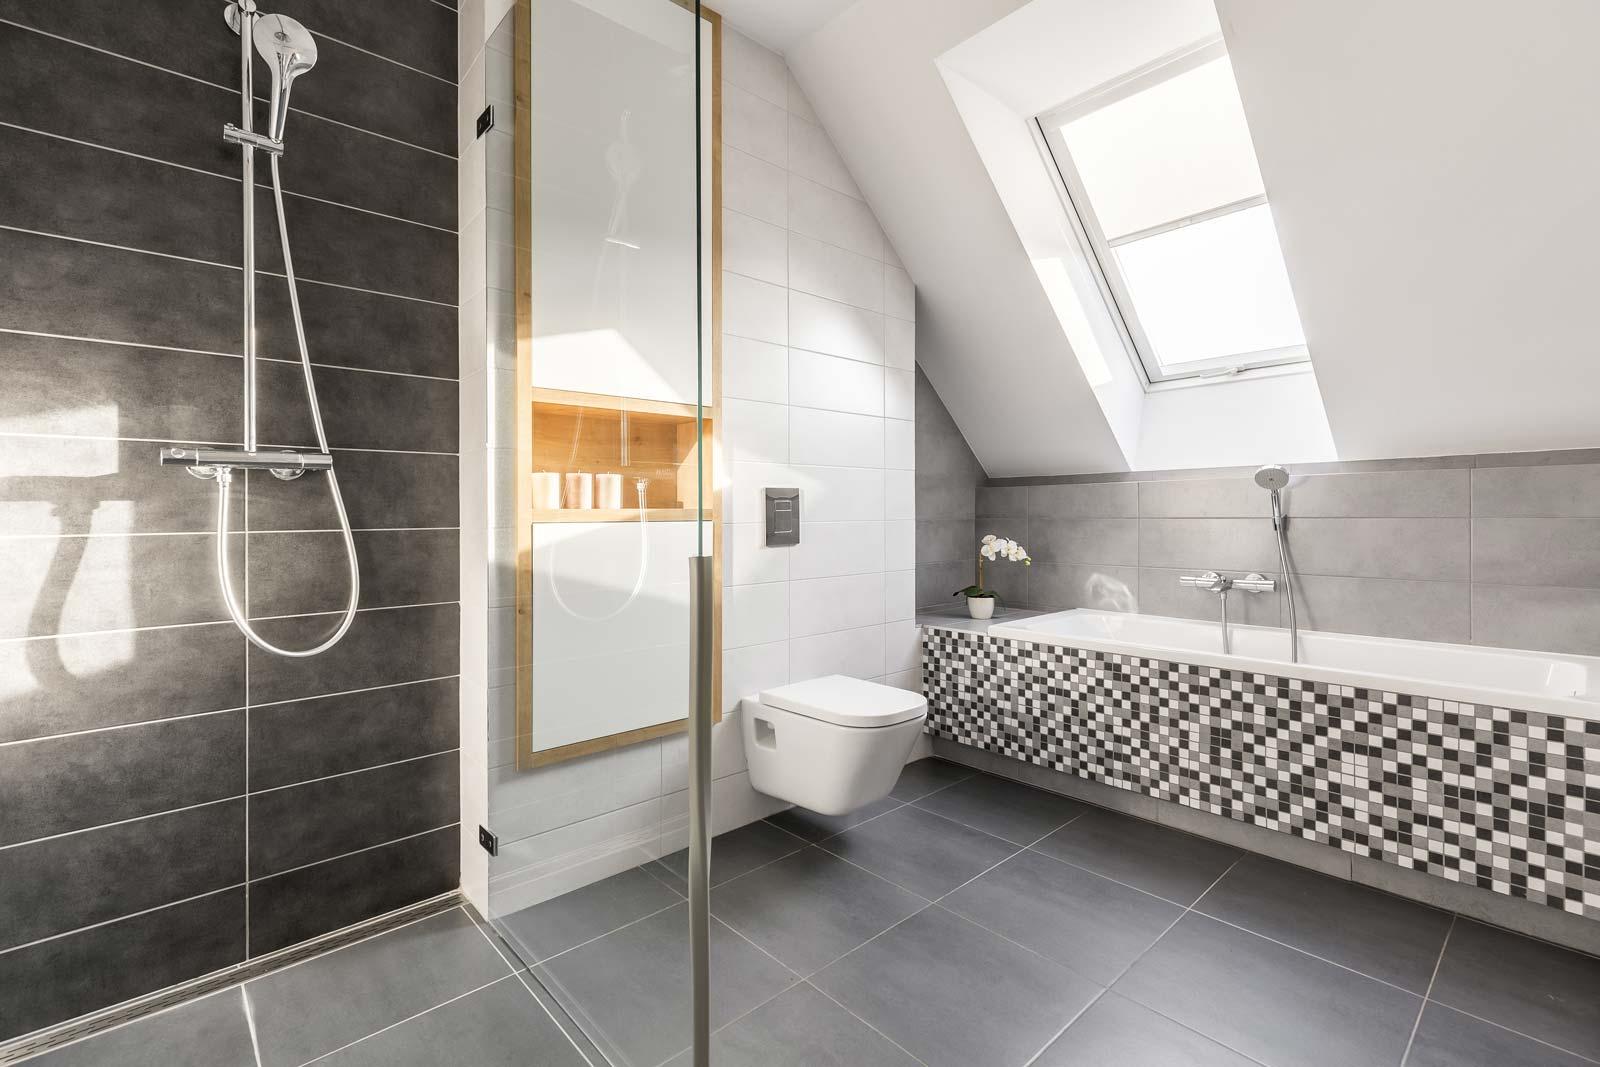 Comment Rénover Un Vieux Carrelage Au Sol comment rénover ou relooker sa salle de bains de manière